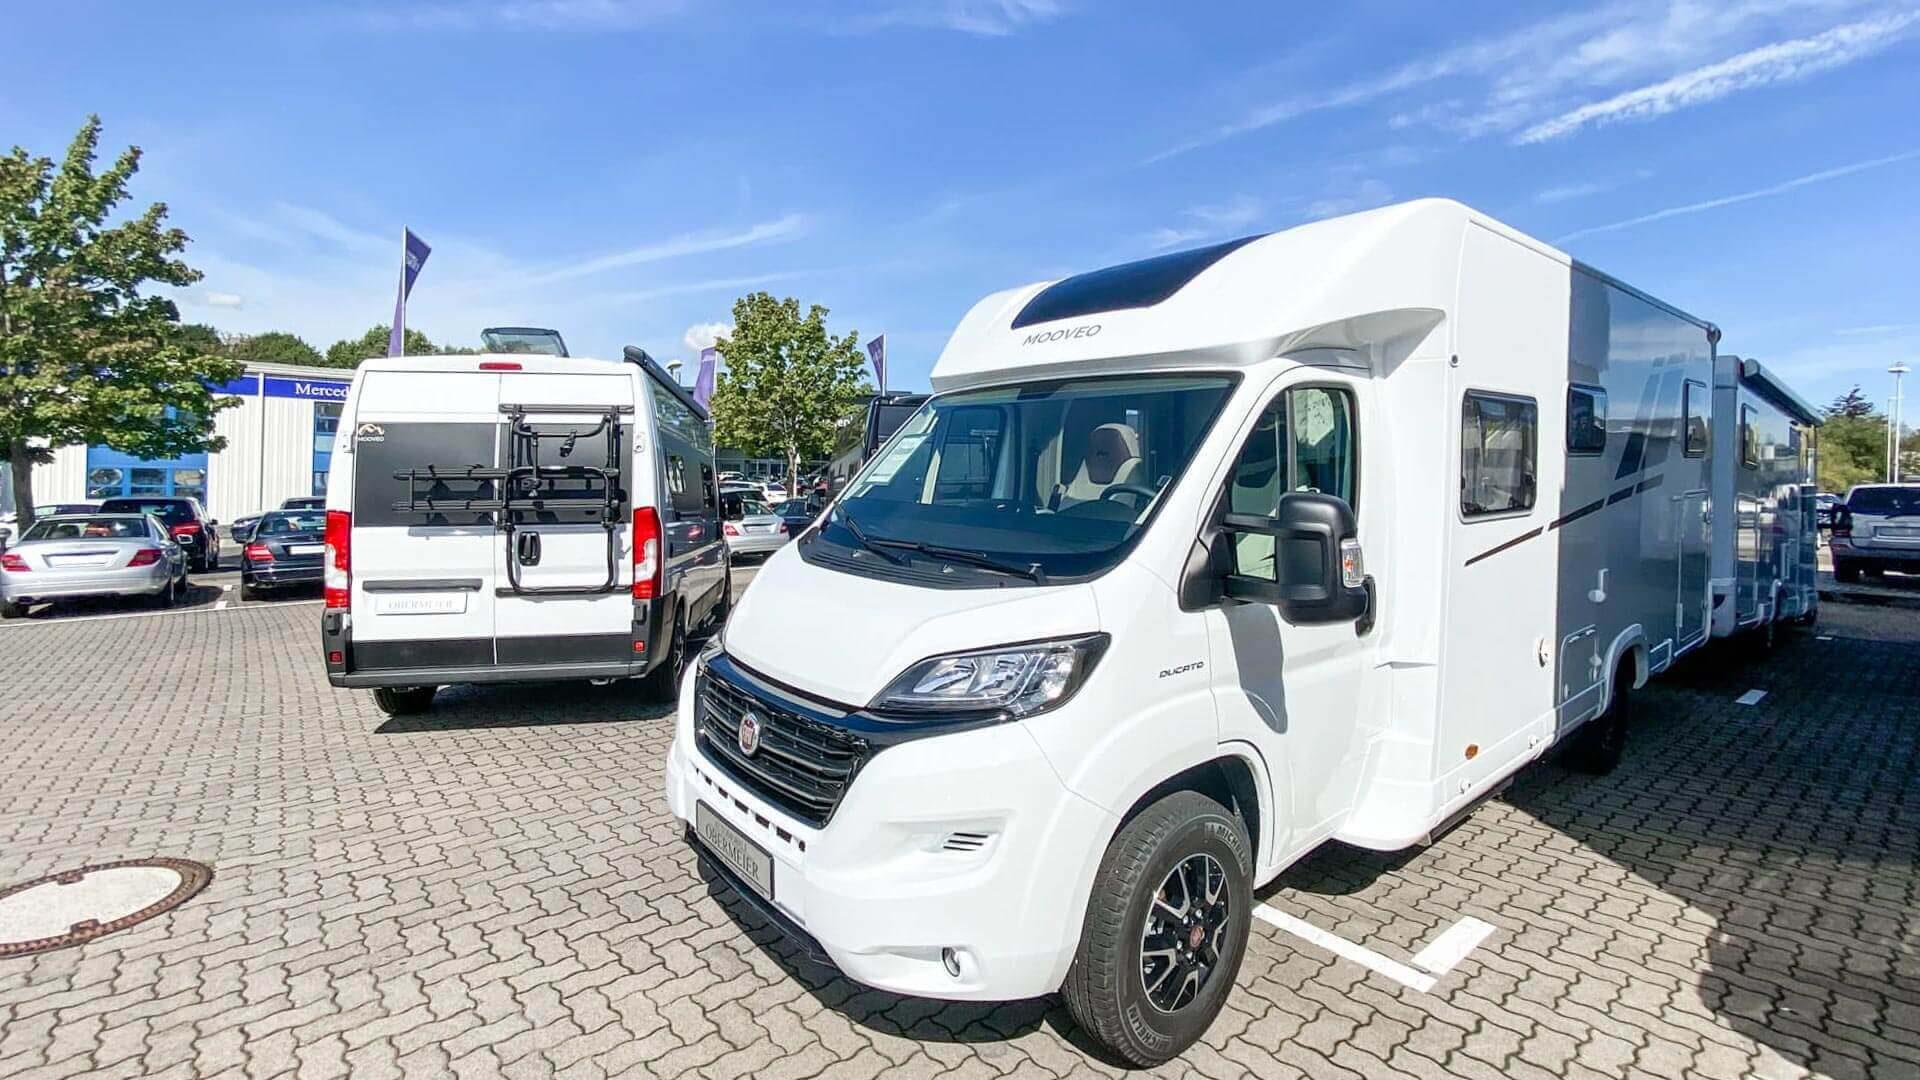 Zwei Mooveo-Wohnmobile im Außenbereich bei Automobile Obermeier in Meckenheim